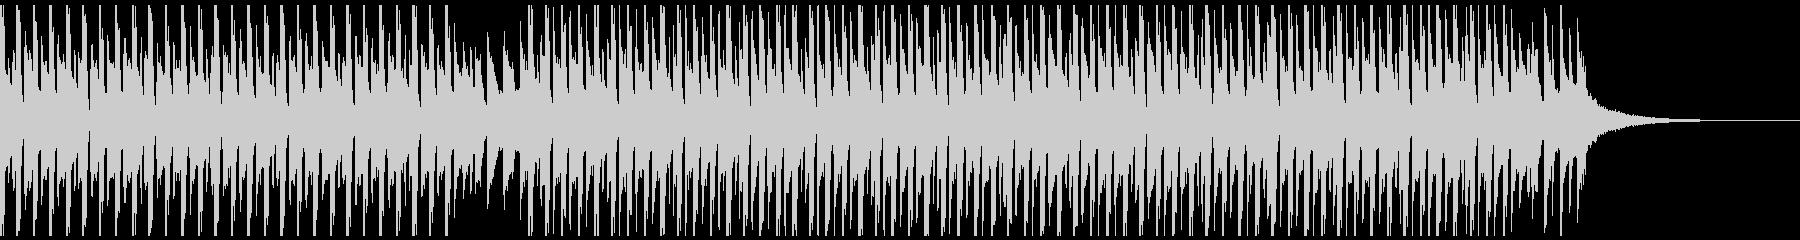 パーティータイム(短)の未再生の波形